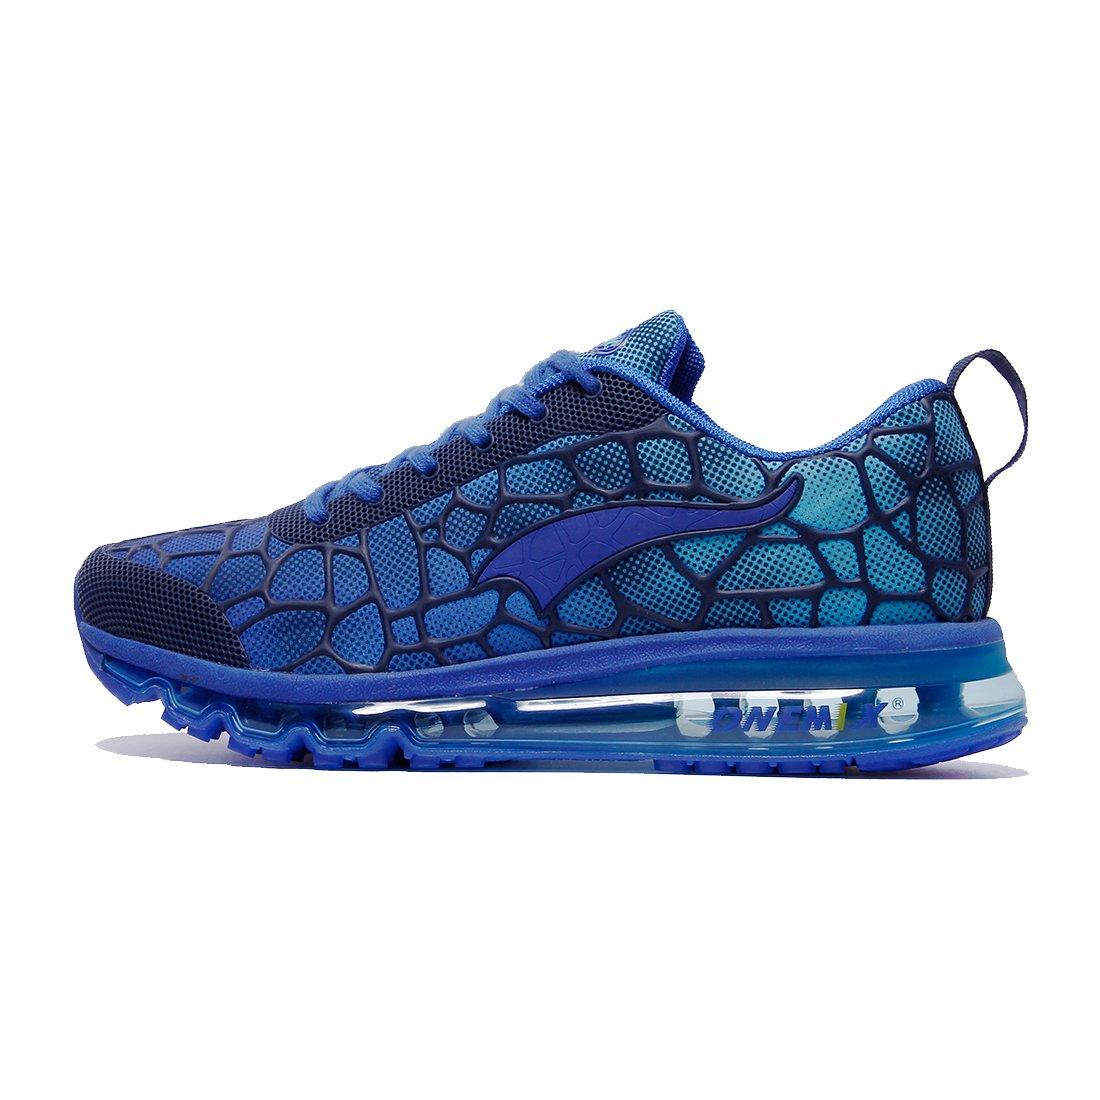 ONEMIX Hommes et Femmes Air Coussin Max Chaussures de Course Baskets pour Marche Sport Athlétique Fitness Sneaker Running